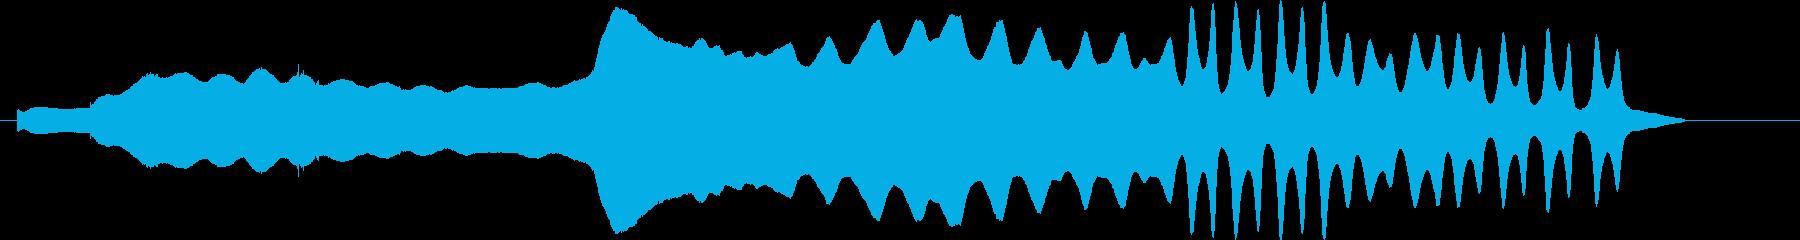 低周波変調3;電力サージ;振動、ス...の再生済みの波形